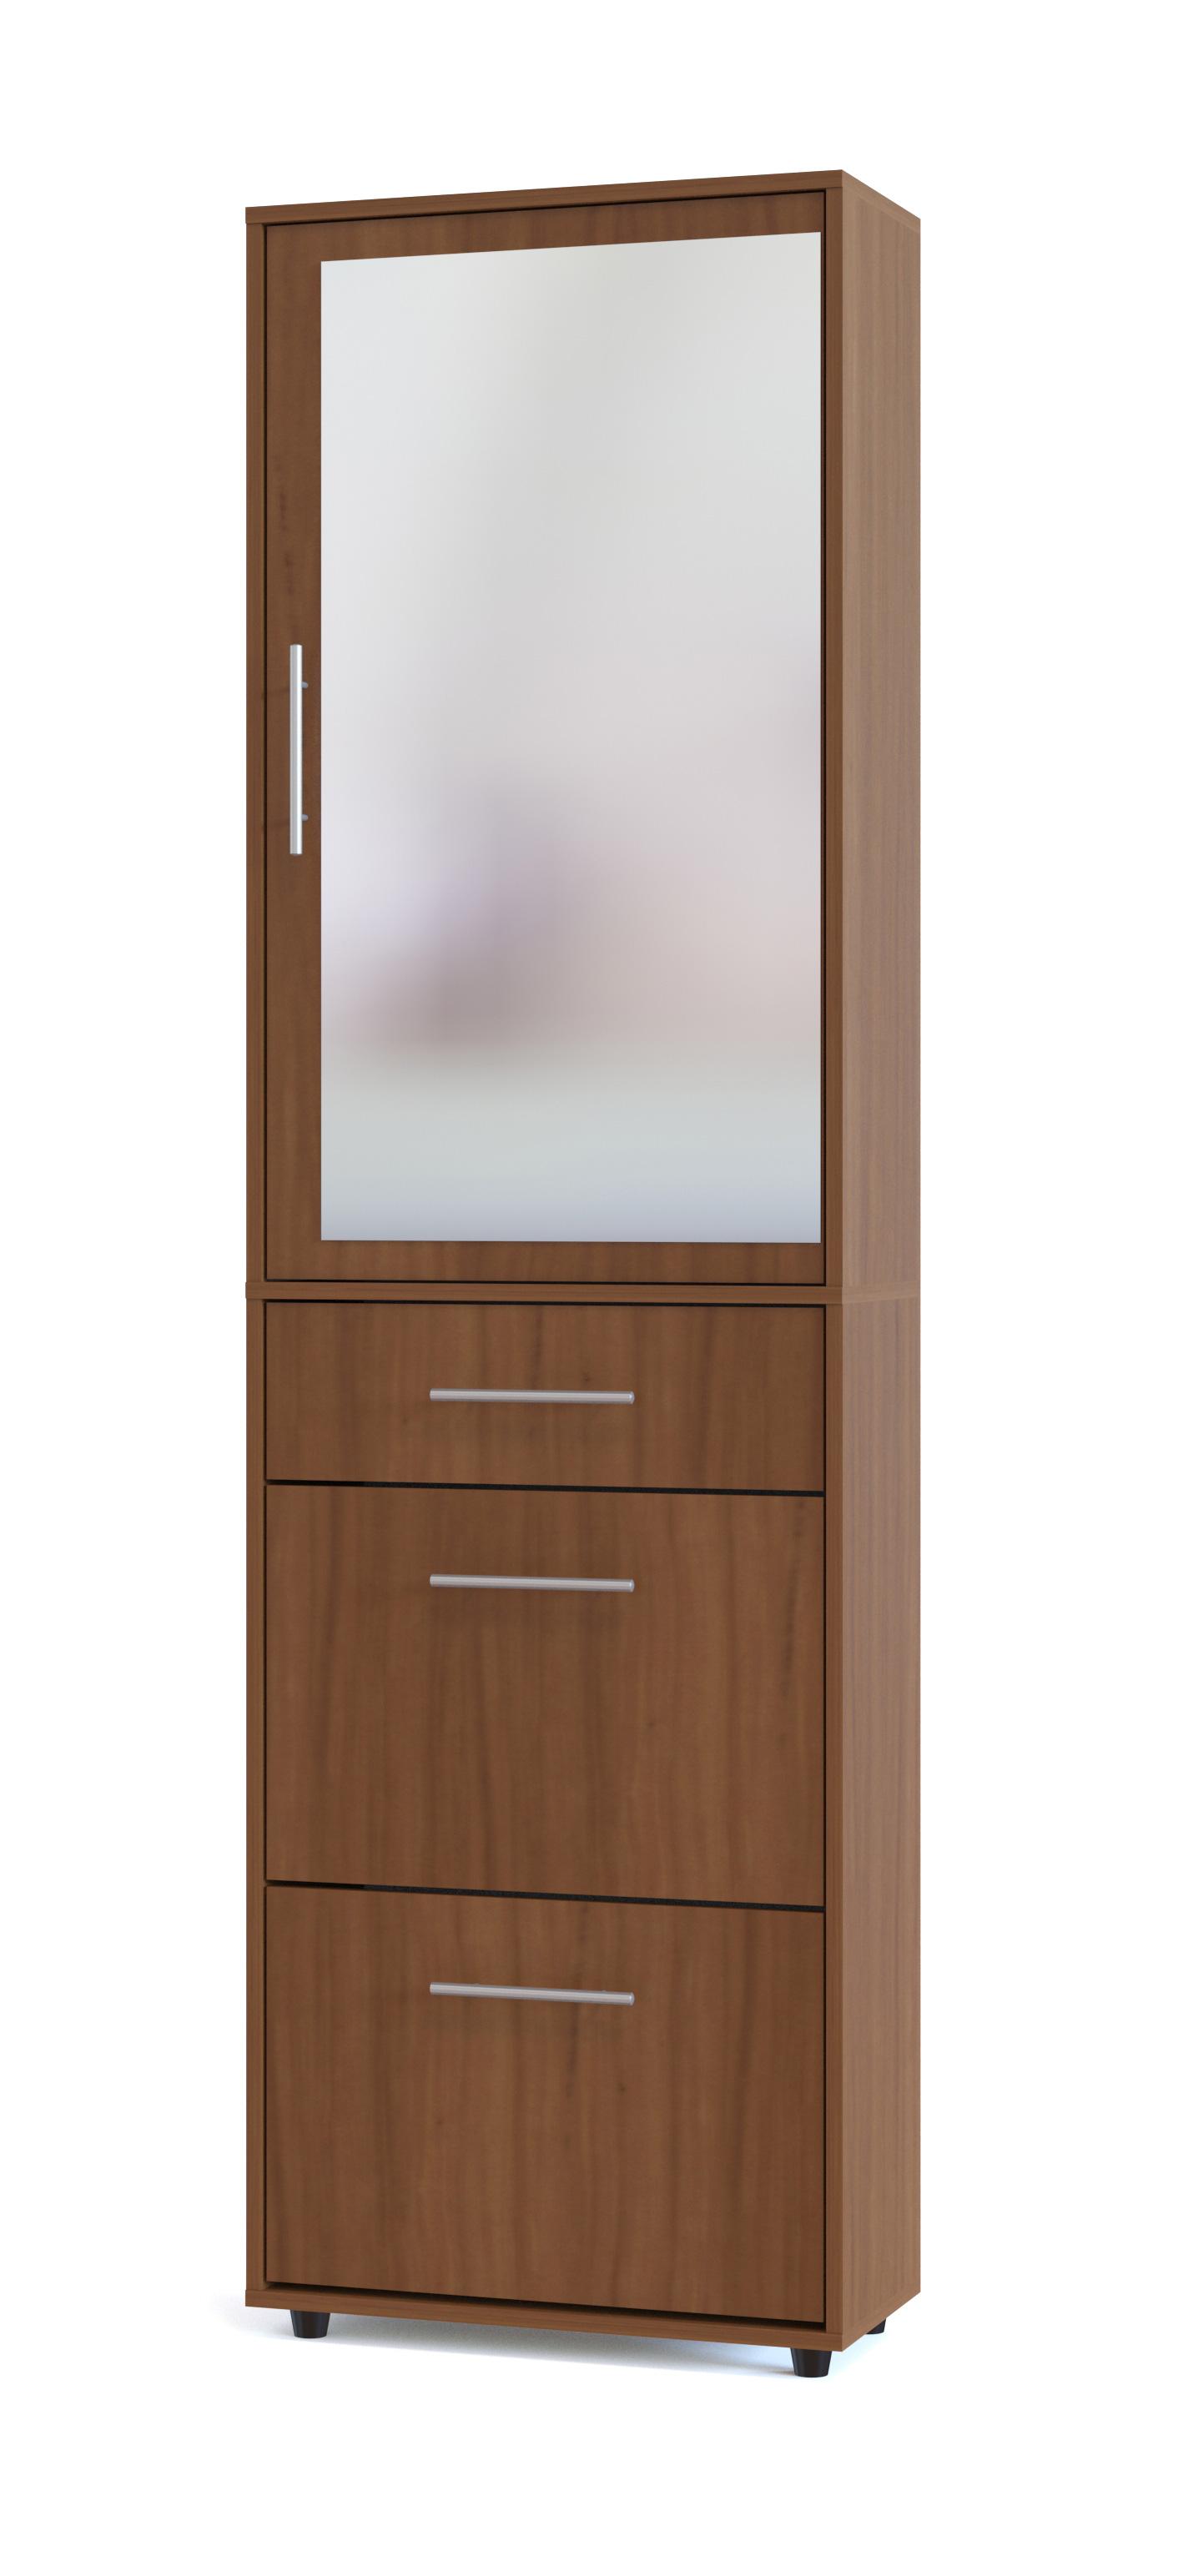 Прихожая Сокол ТП-2 + ПЗ-5 Ноче-экко Сокол Габаритные размеры ВхШхГ 2087x600x287 мм. Составной шкаф для прихожей состоит из высокой обувницы и подвесного шкафчика с зеркалом.  Это прекрасное решение для небольшого коридора.  Набор входит в модульную серию мебель, поэтому его легко можно дополнить другими, идеально подходящими по дизайну и размерам элементами. За зеркалом расположены четыре полки.  Дверь универсальная, при сборке петли могут быть расположены с любой стороны, и дверь будет открываться на удобную вам сторону.  Обувница рассчитана на размещение 8 пар обуви.  Максимальный размер обуви, который помещается в обувницу: 45. Размеры модулей:обувница (ВхШхГ): 1043 х 600 х 287 мм;шкафчик с зеркалом (ВхШ): 1044 х 600 х 287 мм.  Прихожая изготовлена из высококачественной ДСП 16 мм, края отделаны кромкой ПВХ 0,4 мм.  Рекомендуем сохранить инструкцию по сборке (паспорт изделия) до истечения гарантийного срока.